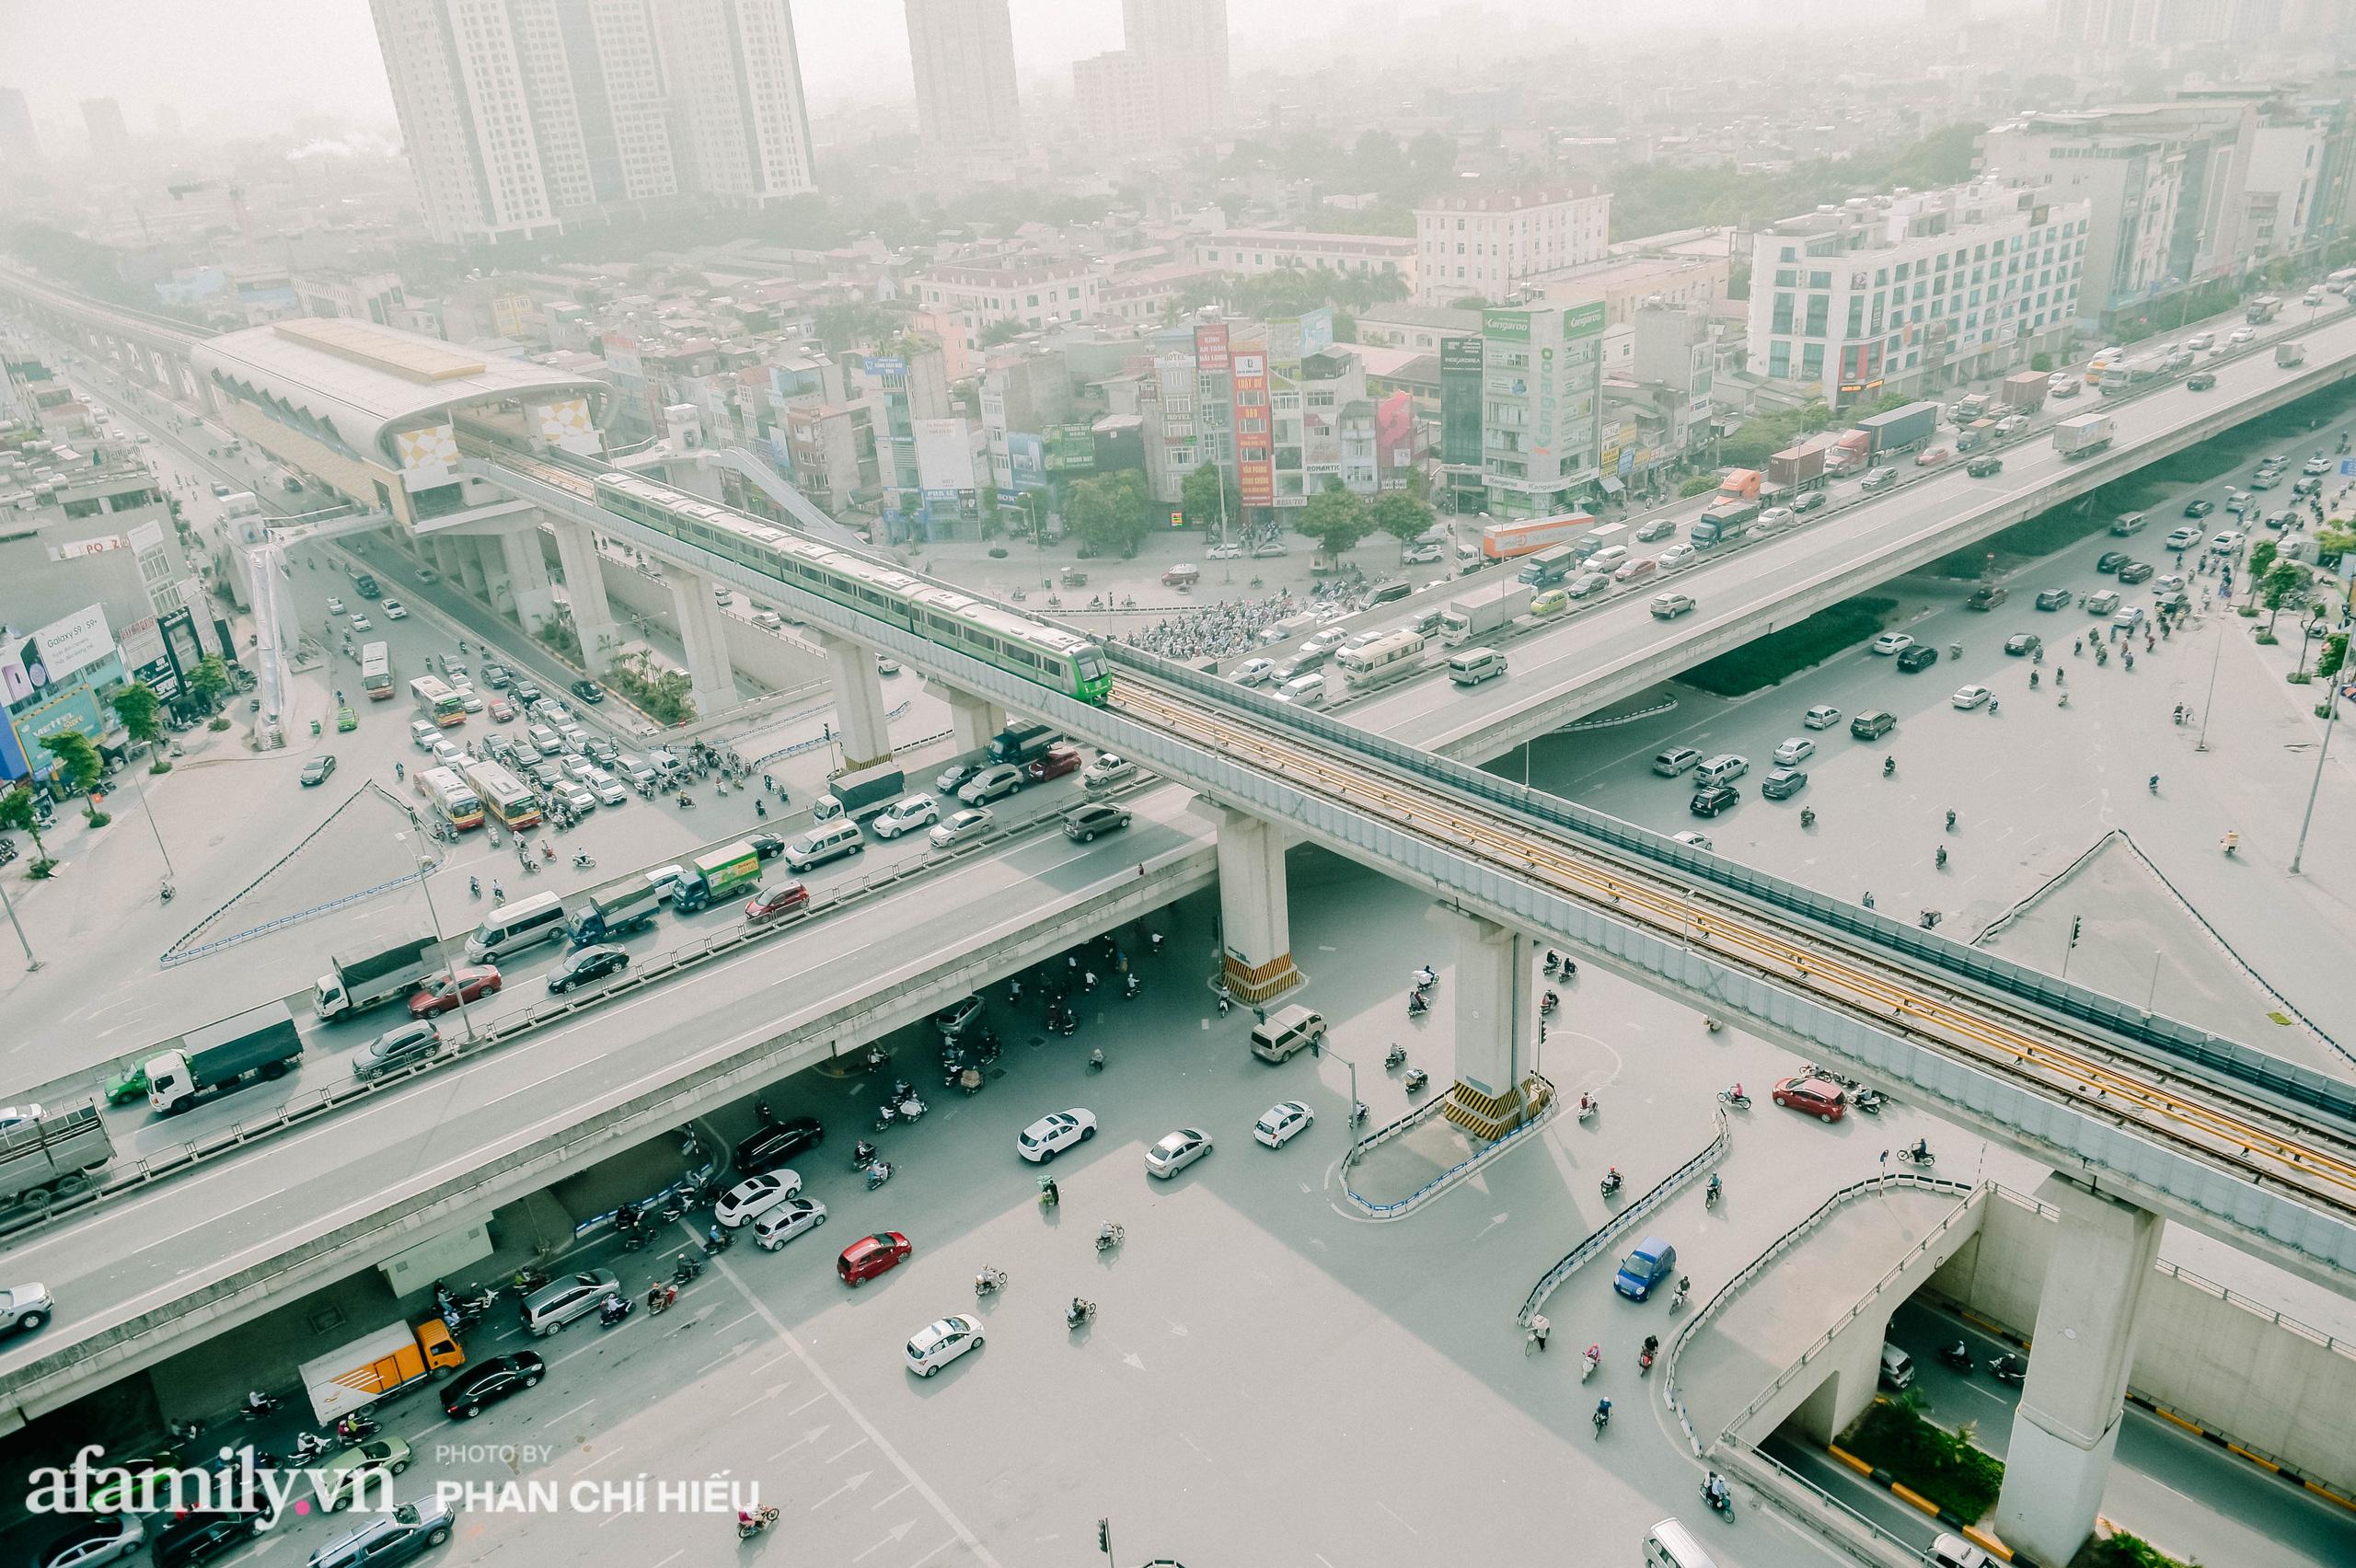 Tuyến đường sắt Cát Linh- Hà Đông đẹp cỡ nào mà được nhiều reviewer khen hết lời, lại còn rủ nhau đi mua vest để chuẩn bị đi thử trong năm 2021 - Ảnh 2.